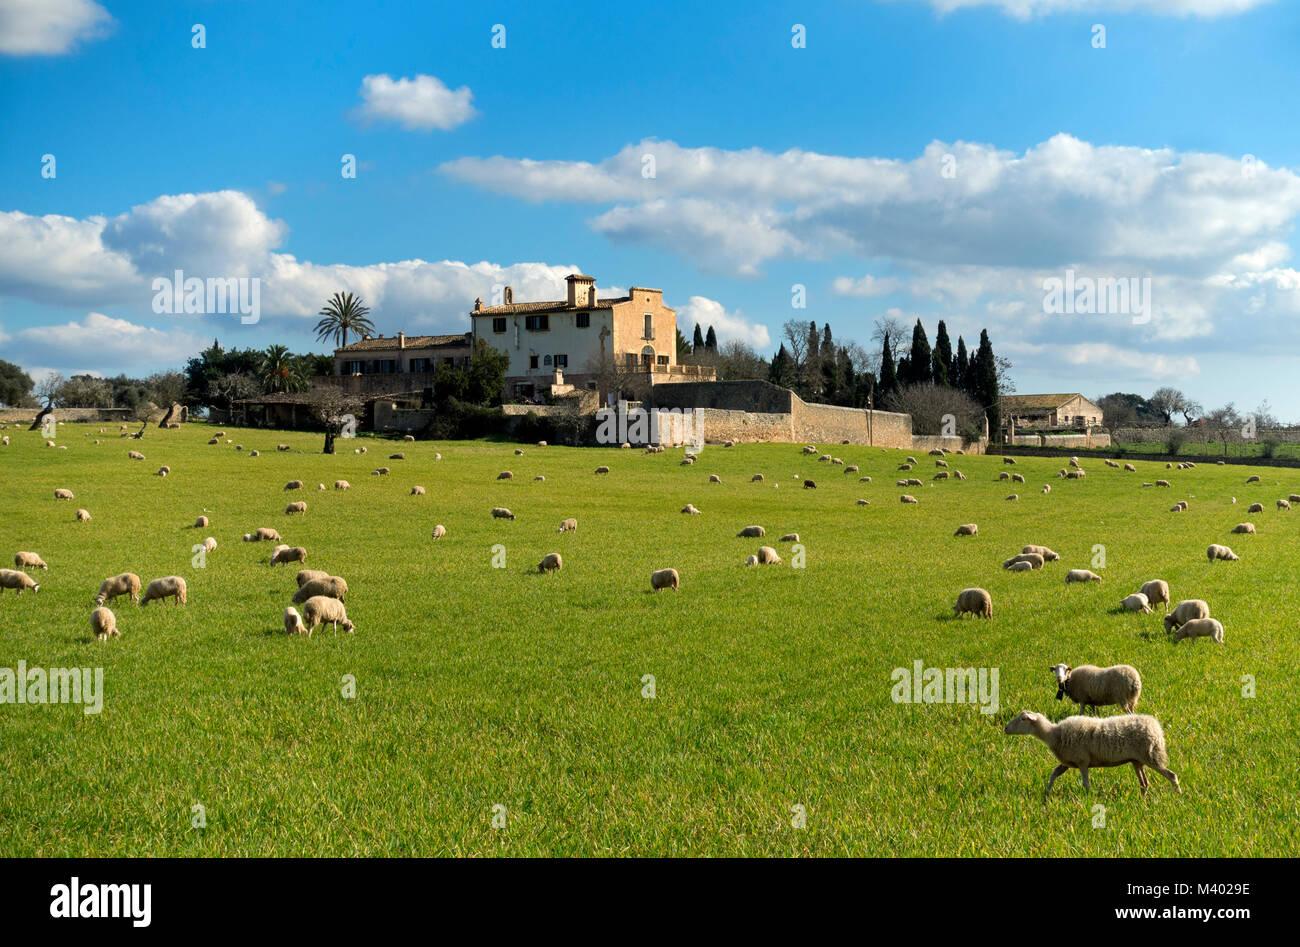 Son Bordils rural farm.Mallorca Island.Spain - Stock Image